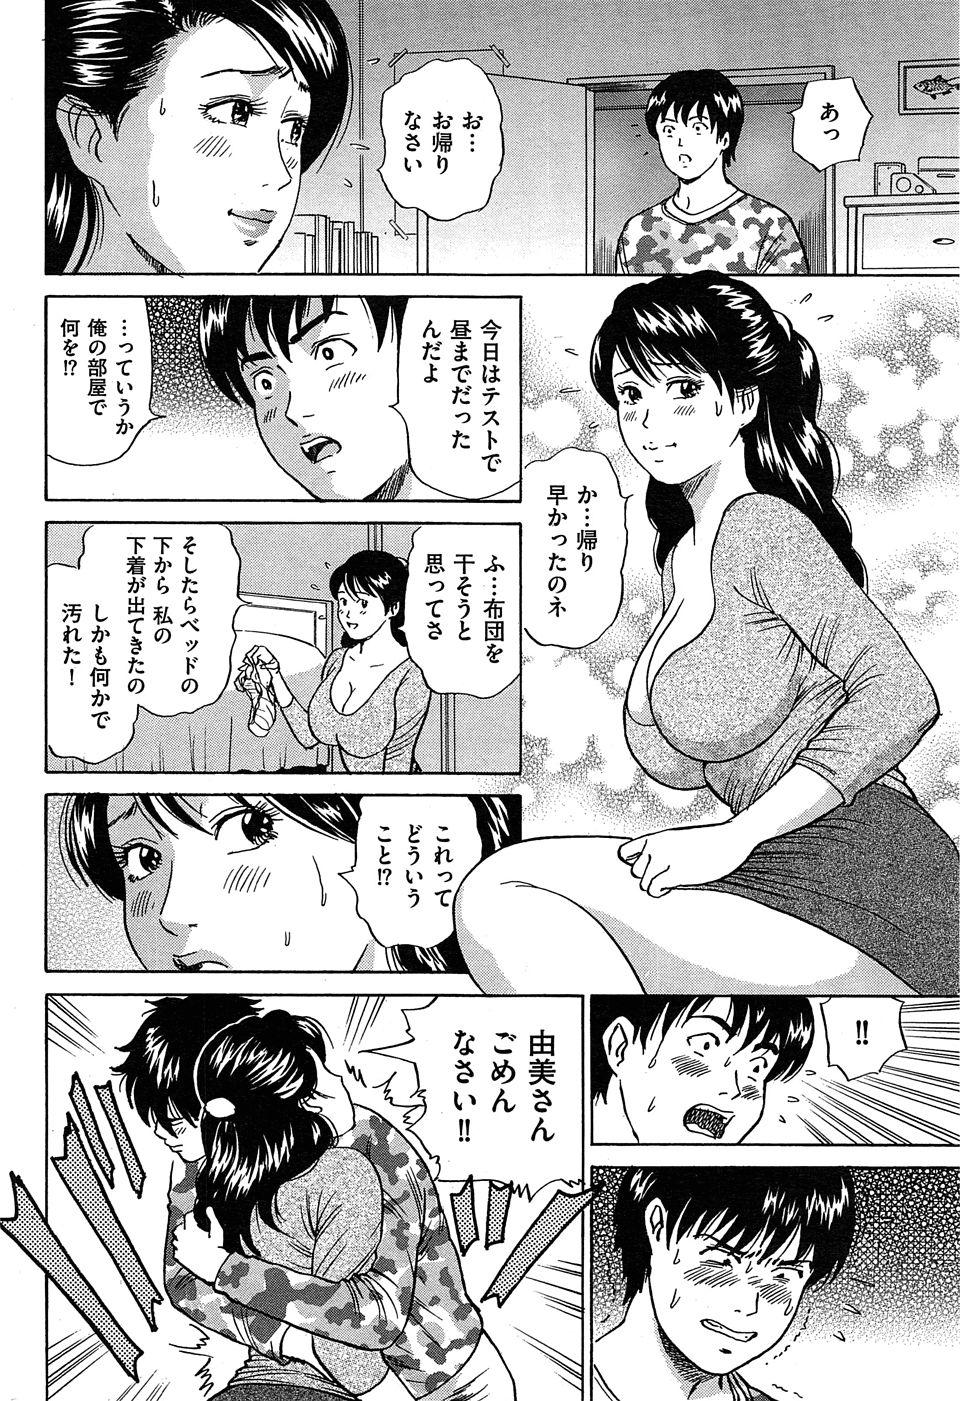 【エロ漫画・エロ同人誌】巨乳母が旦那の連れ子が自分の下着でオナニーしてるのを気づいてオナニーしだしたwww (8)